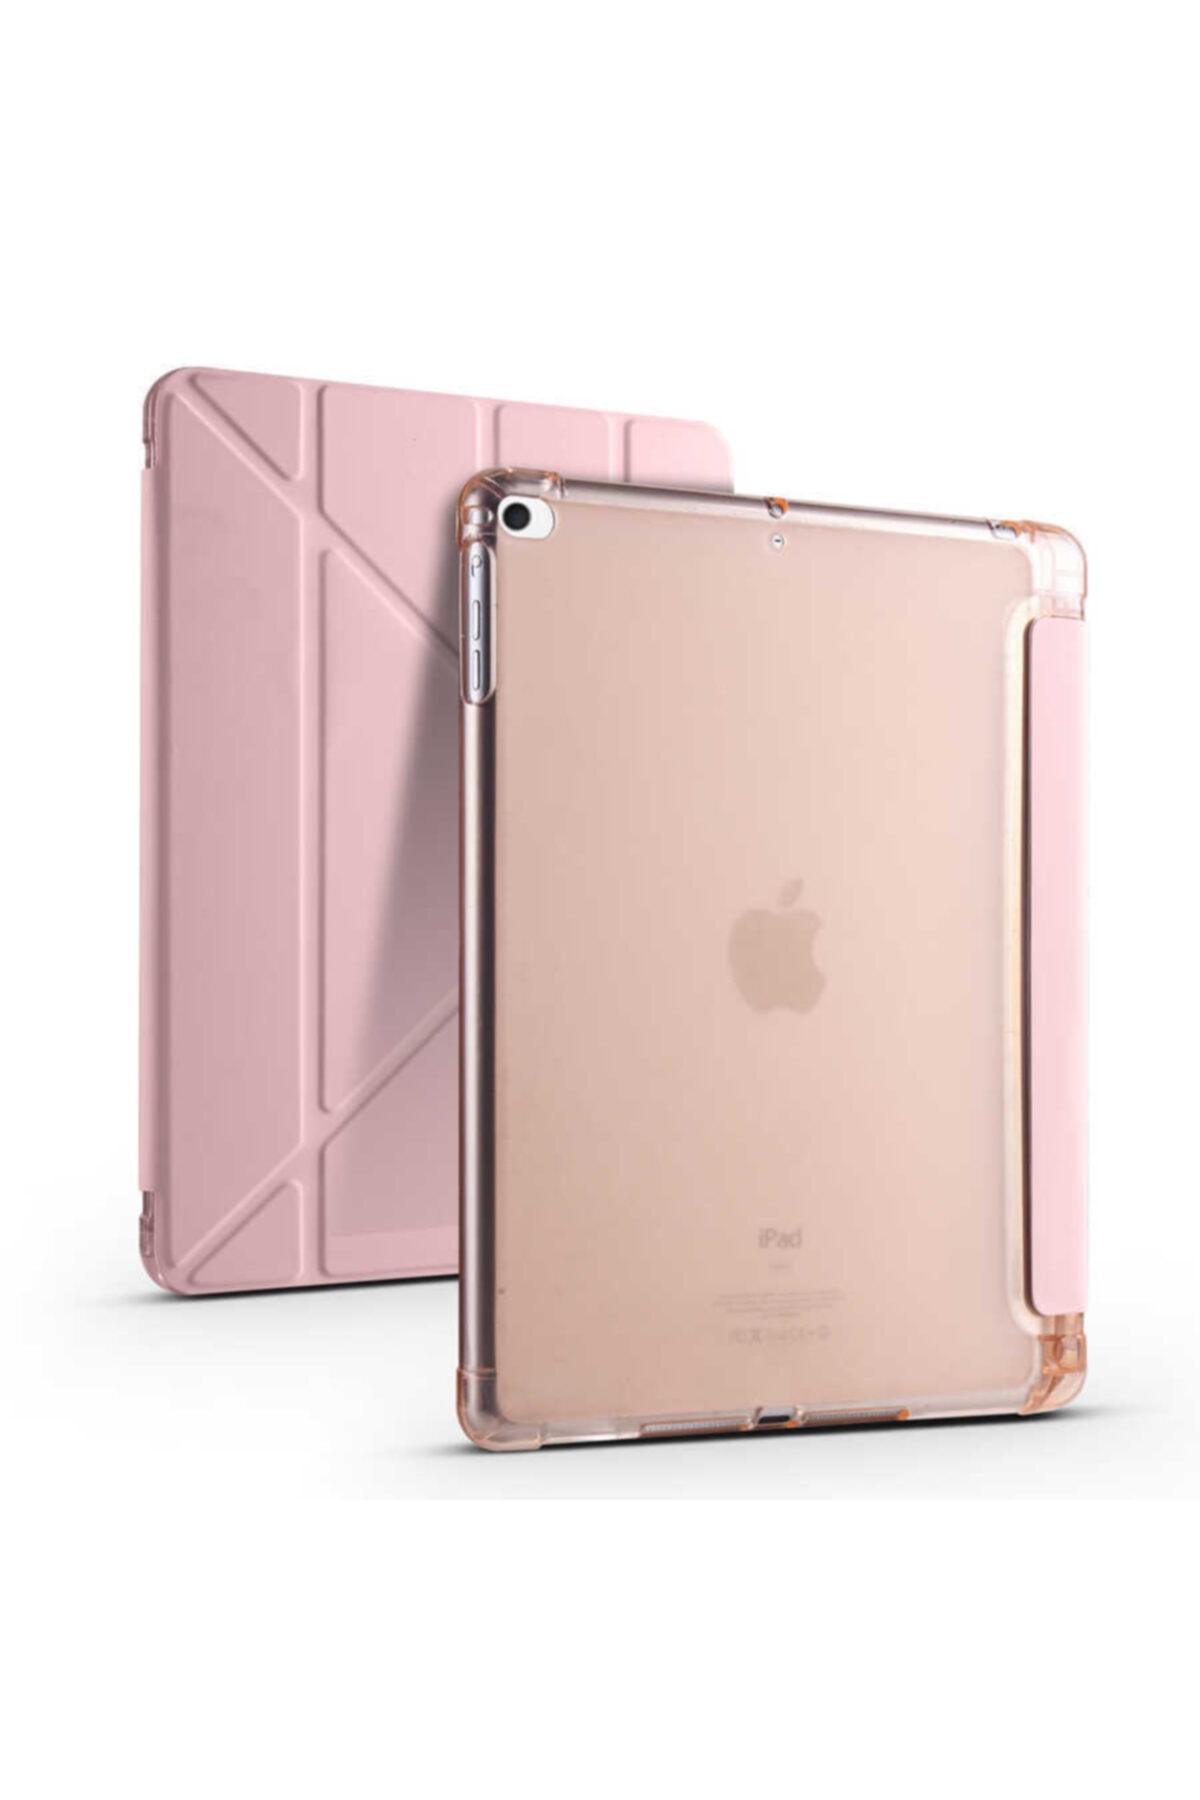 carına vannı Apple Ipad 9.7 2018 Uyumlu Rose Gold,kalem Bölmeli Katlanabilir Tablet Kılıfı,standlı Kılıf Pnd 1